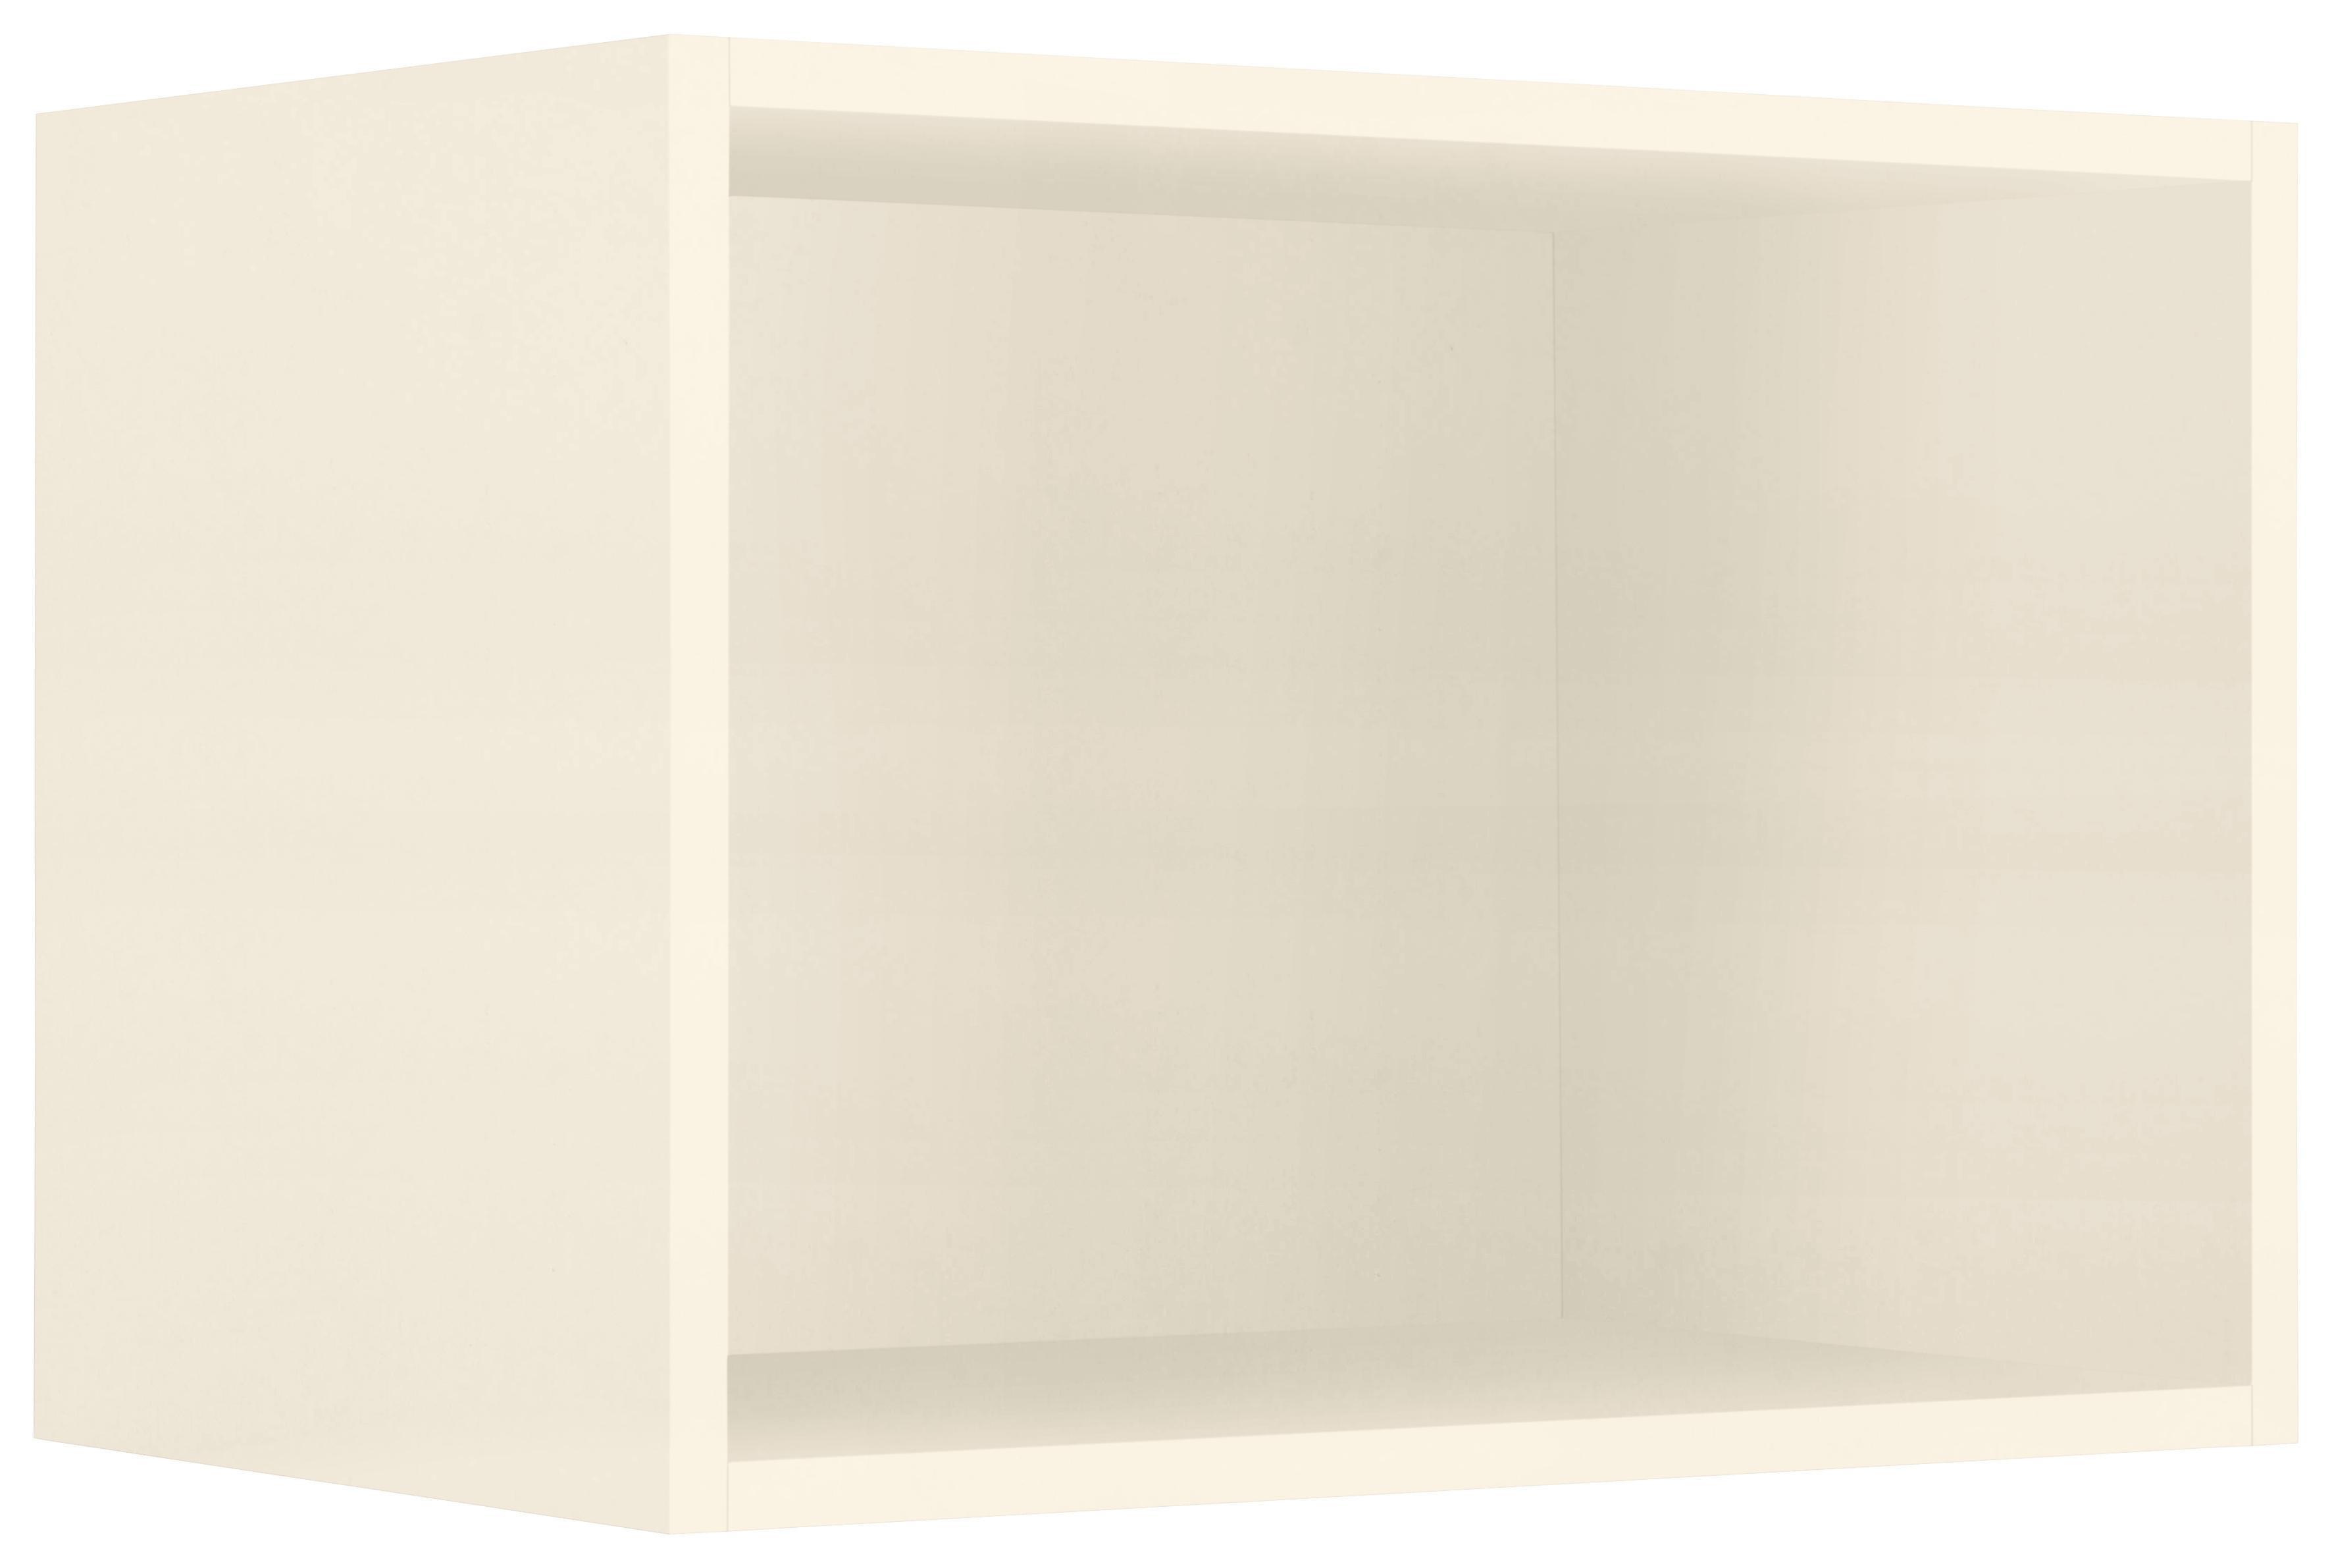 WIHO-Küchen Hängeregal Flexi2 Breite 50 cm   Küche und Esszimmer > Küchenregale > Küchen-Standregale   Melamin   Wiho Küchen